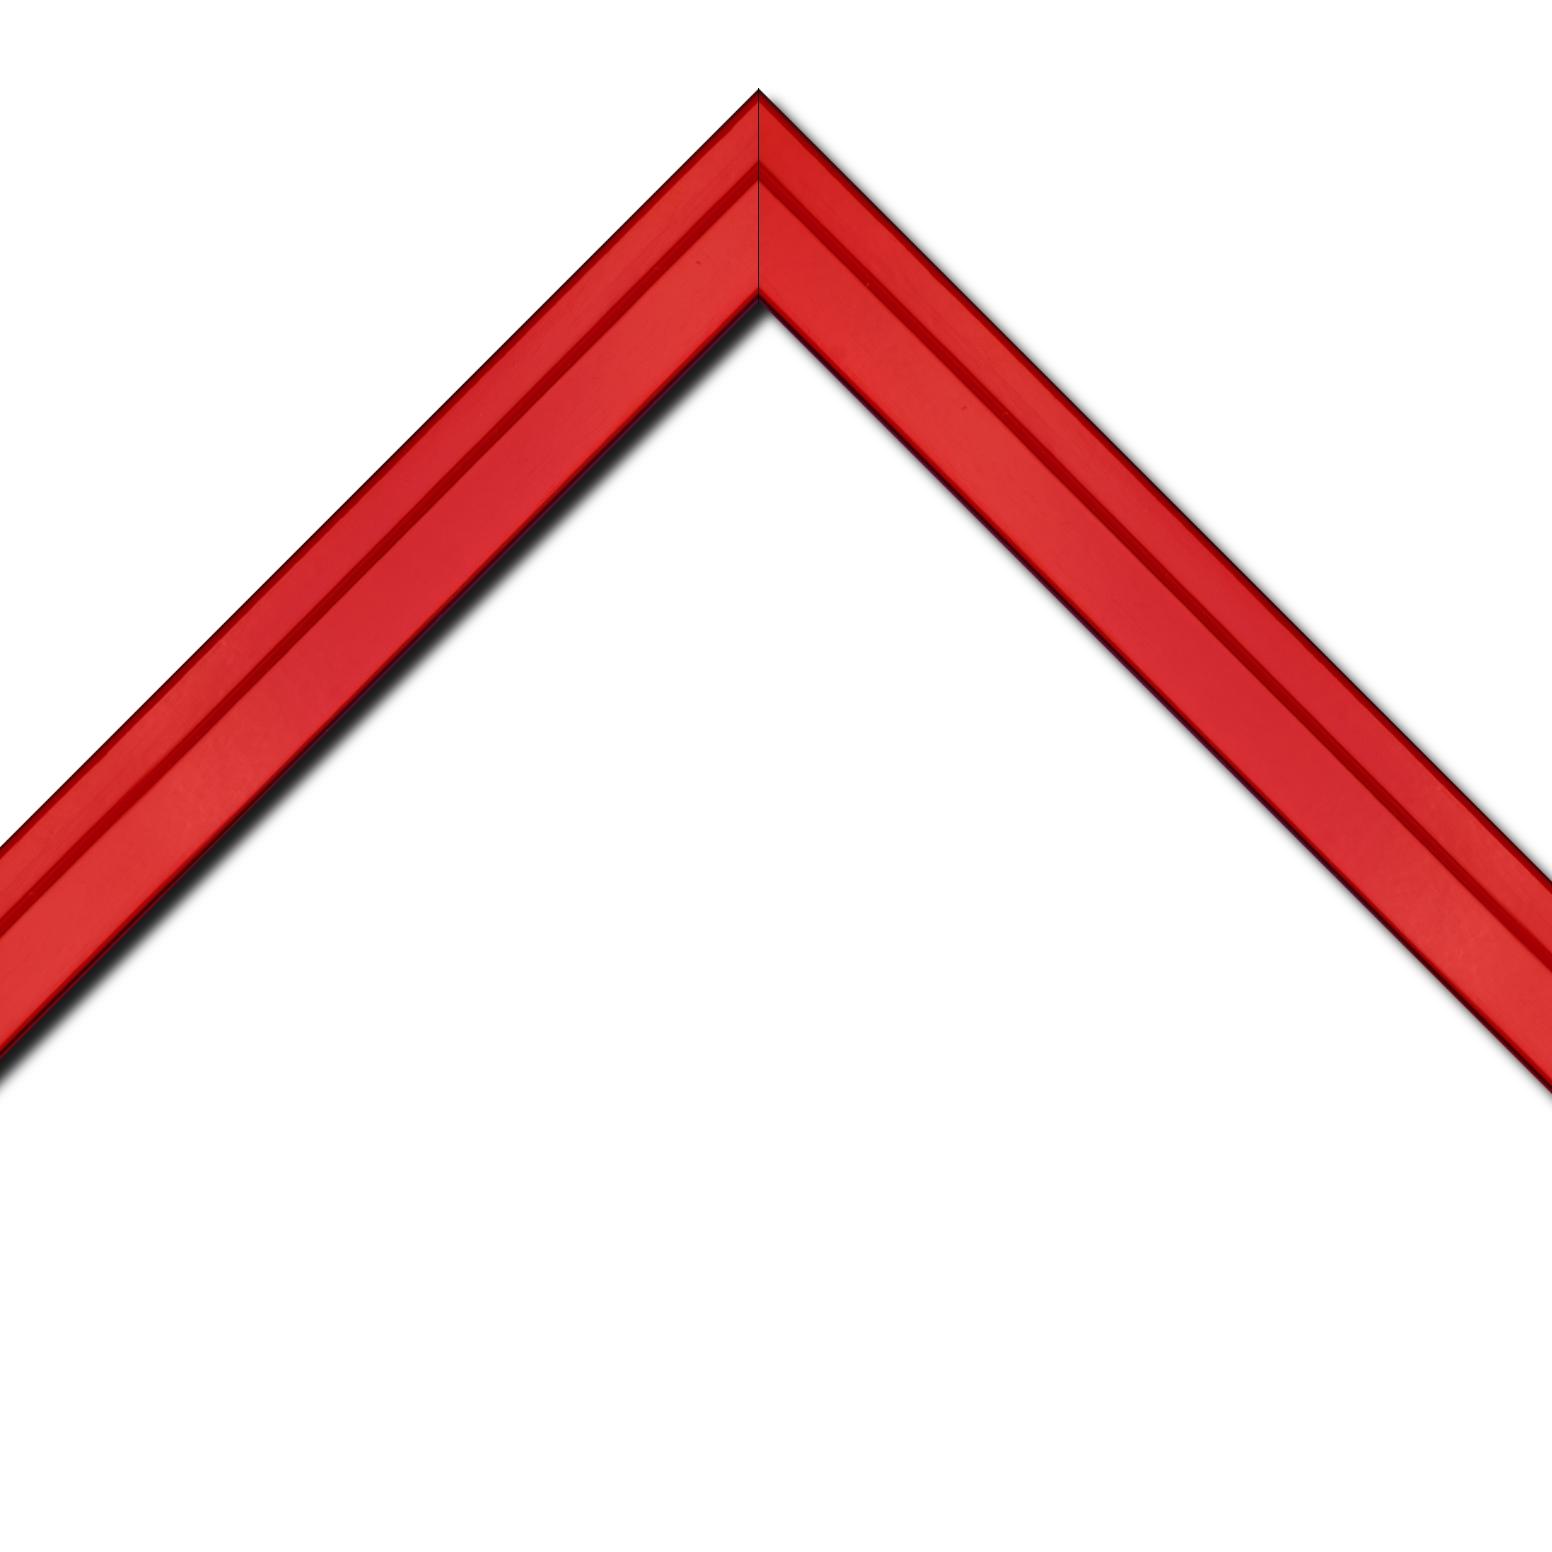 Baguette bois profil plat escalier largeur 3cm couleur rouge ferrari laqué